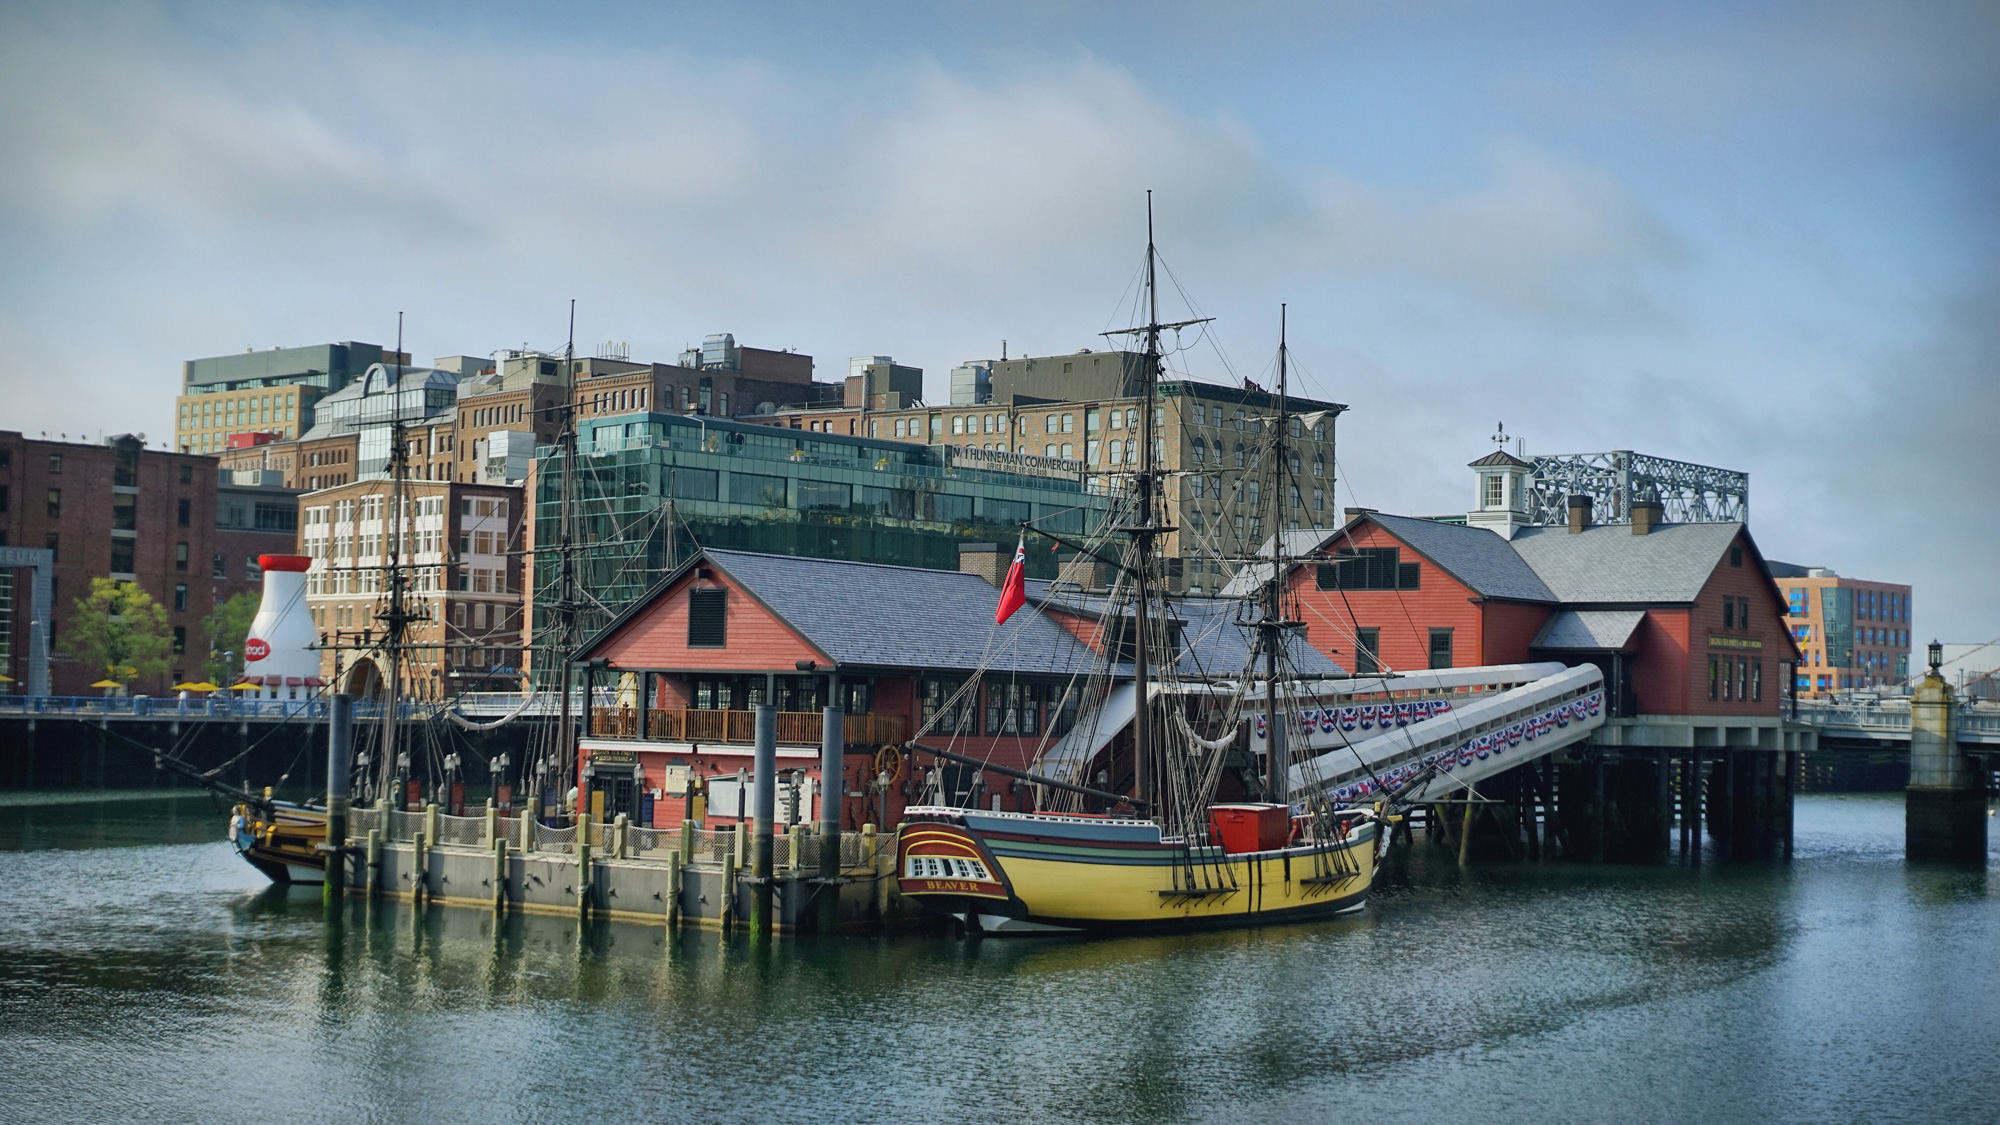 波士顿倾茶事件博物馆